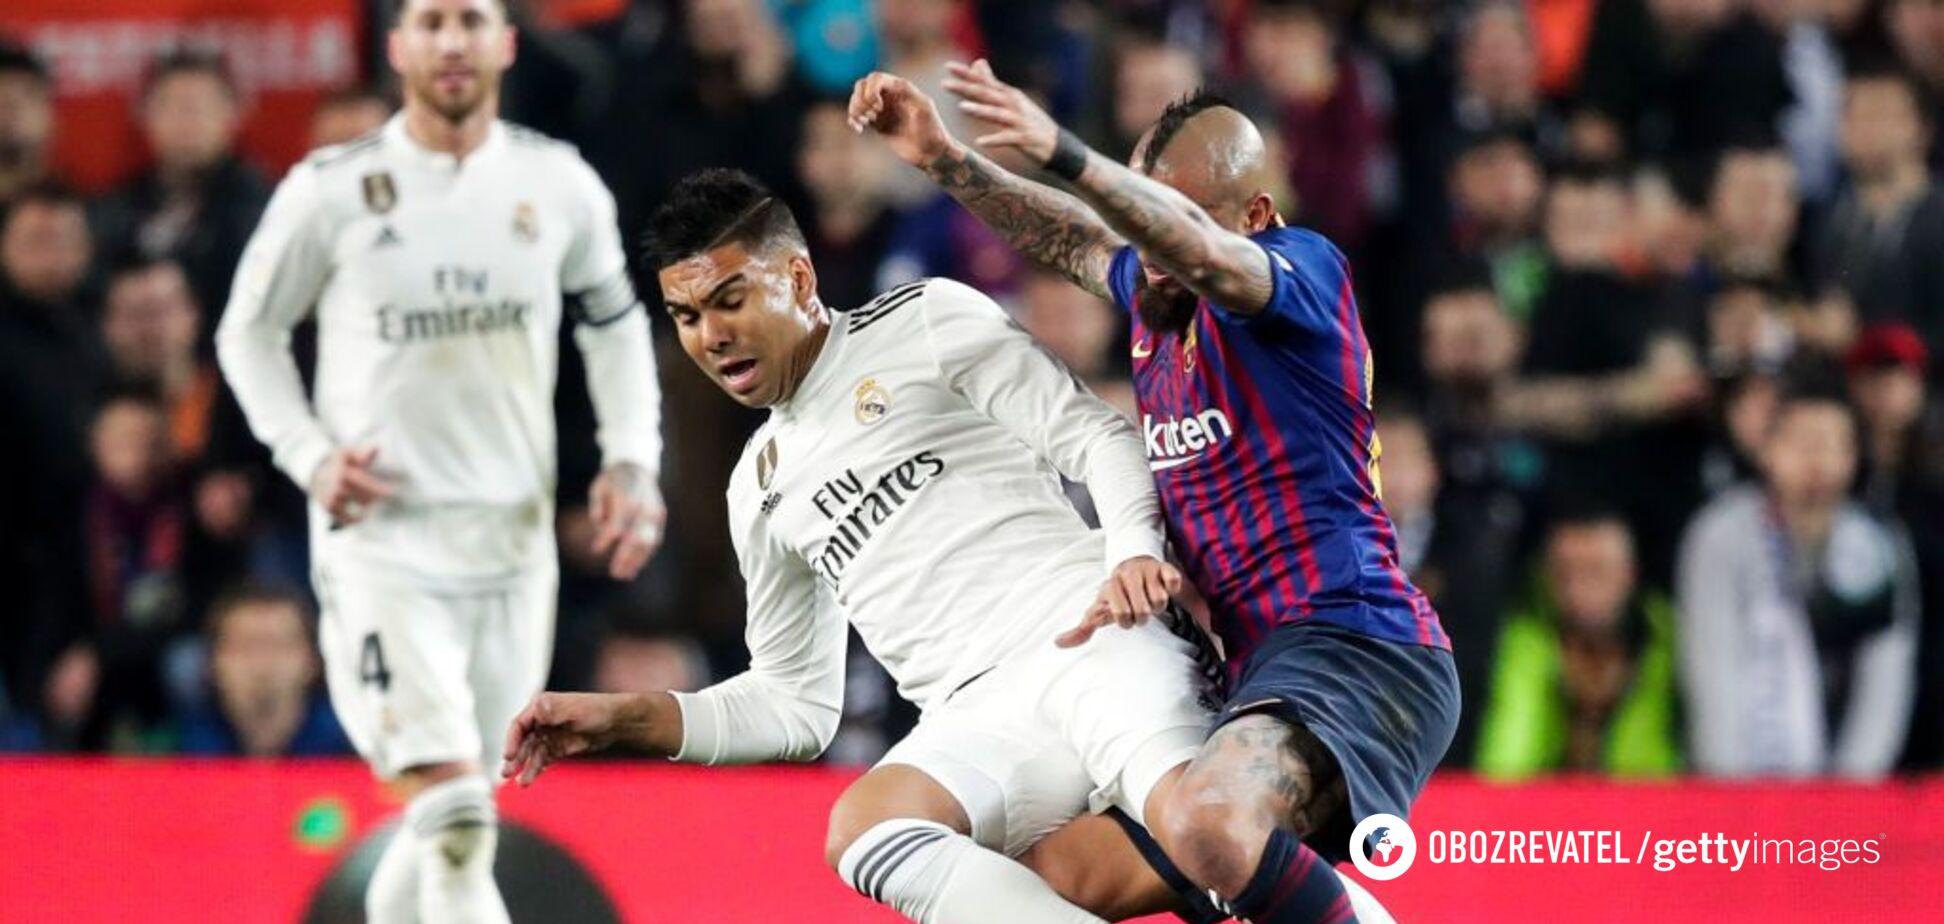 Розпочався другий тайм! Реал – Барселона: дивитися онлайн трансляцію Ель-Класико